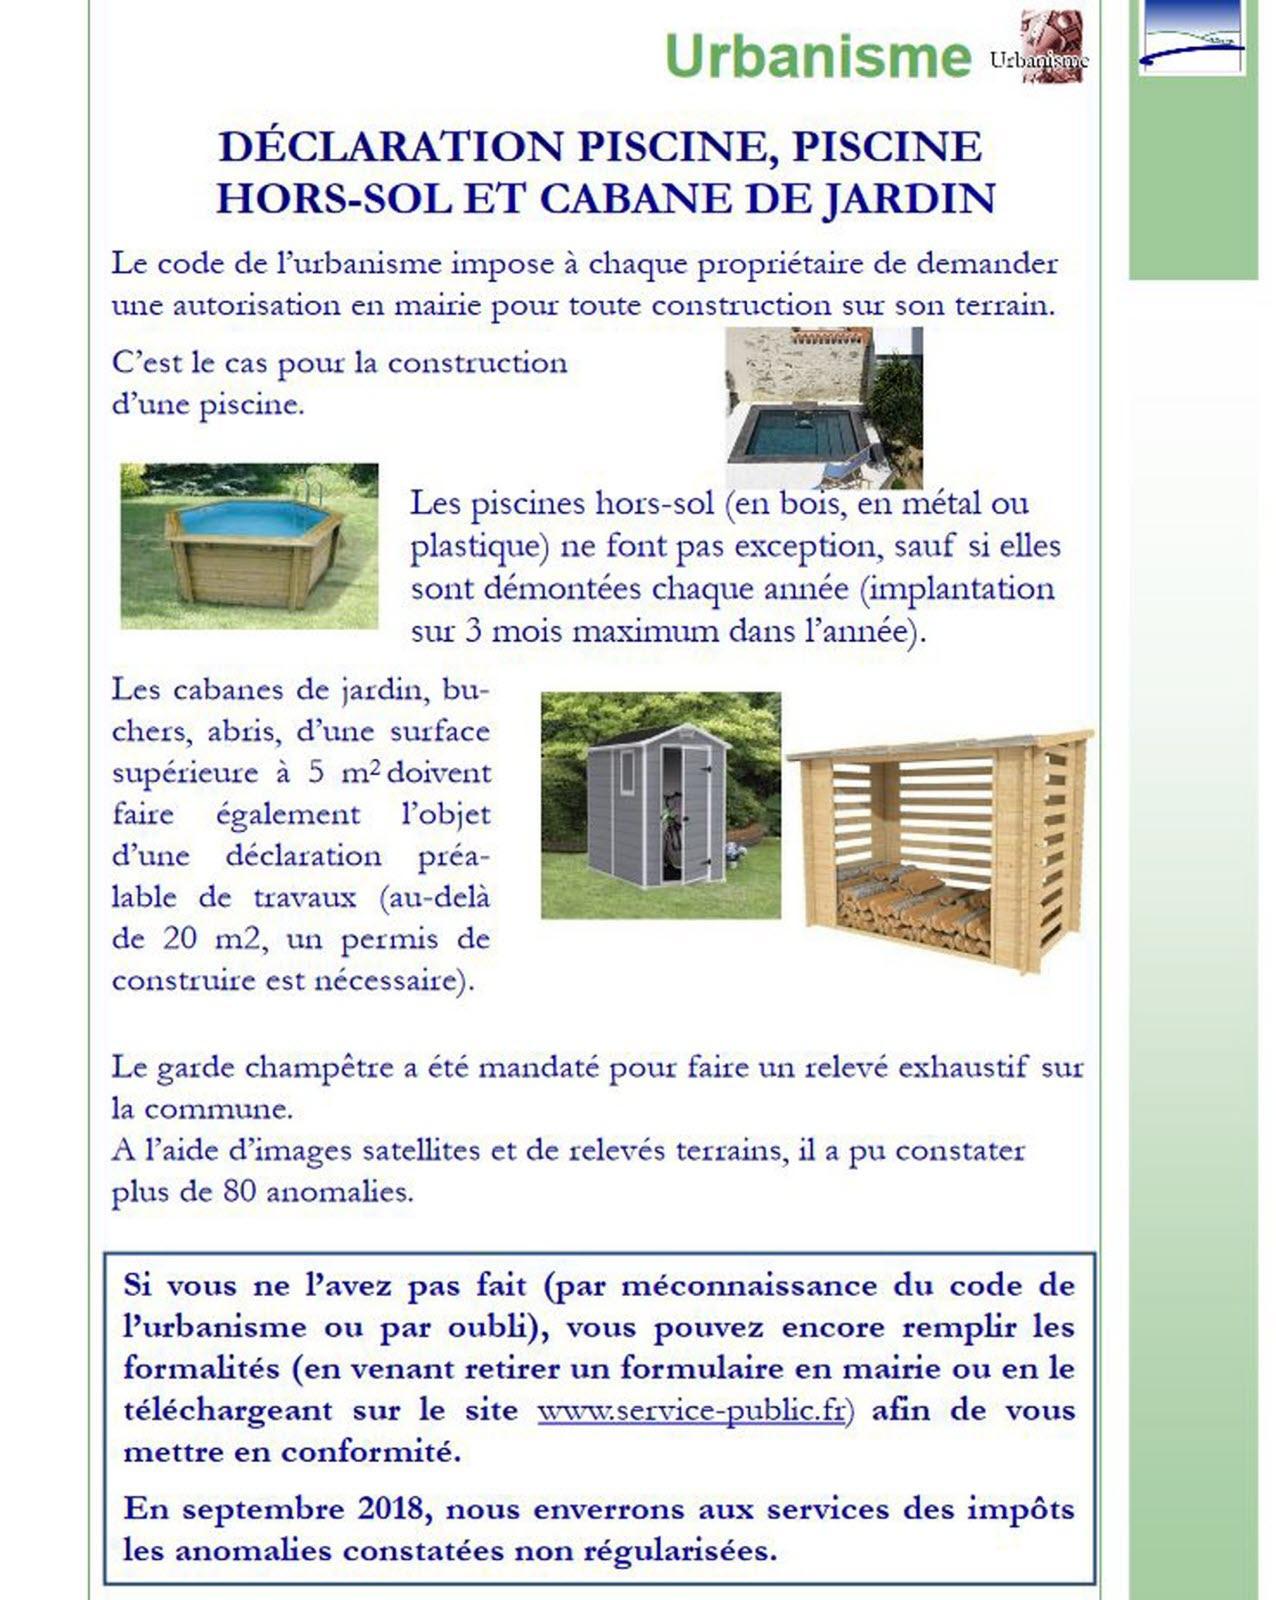 Edition Besançon | Piscine Et Cabane De Jardin Repérées ... destiné Piscine Impots